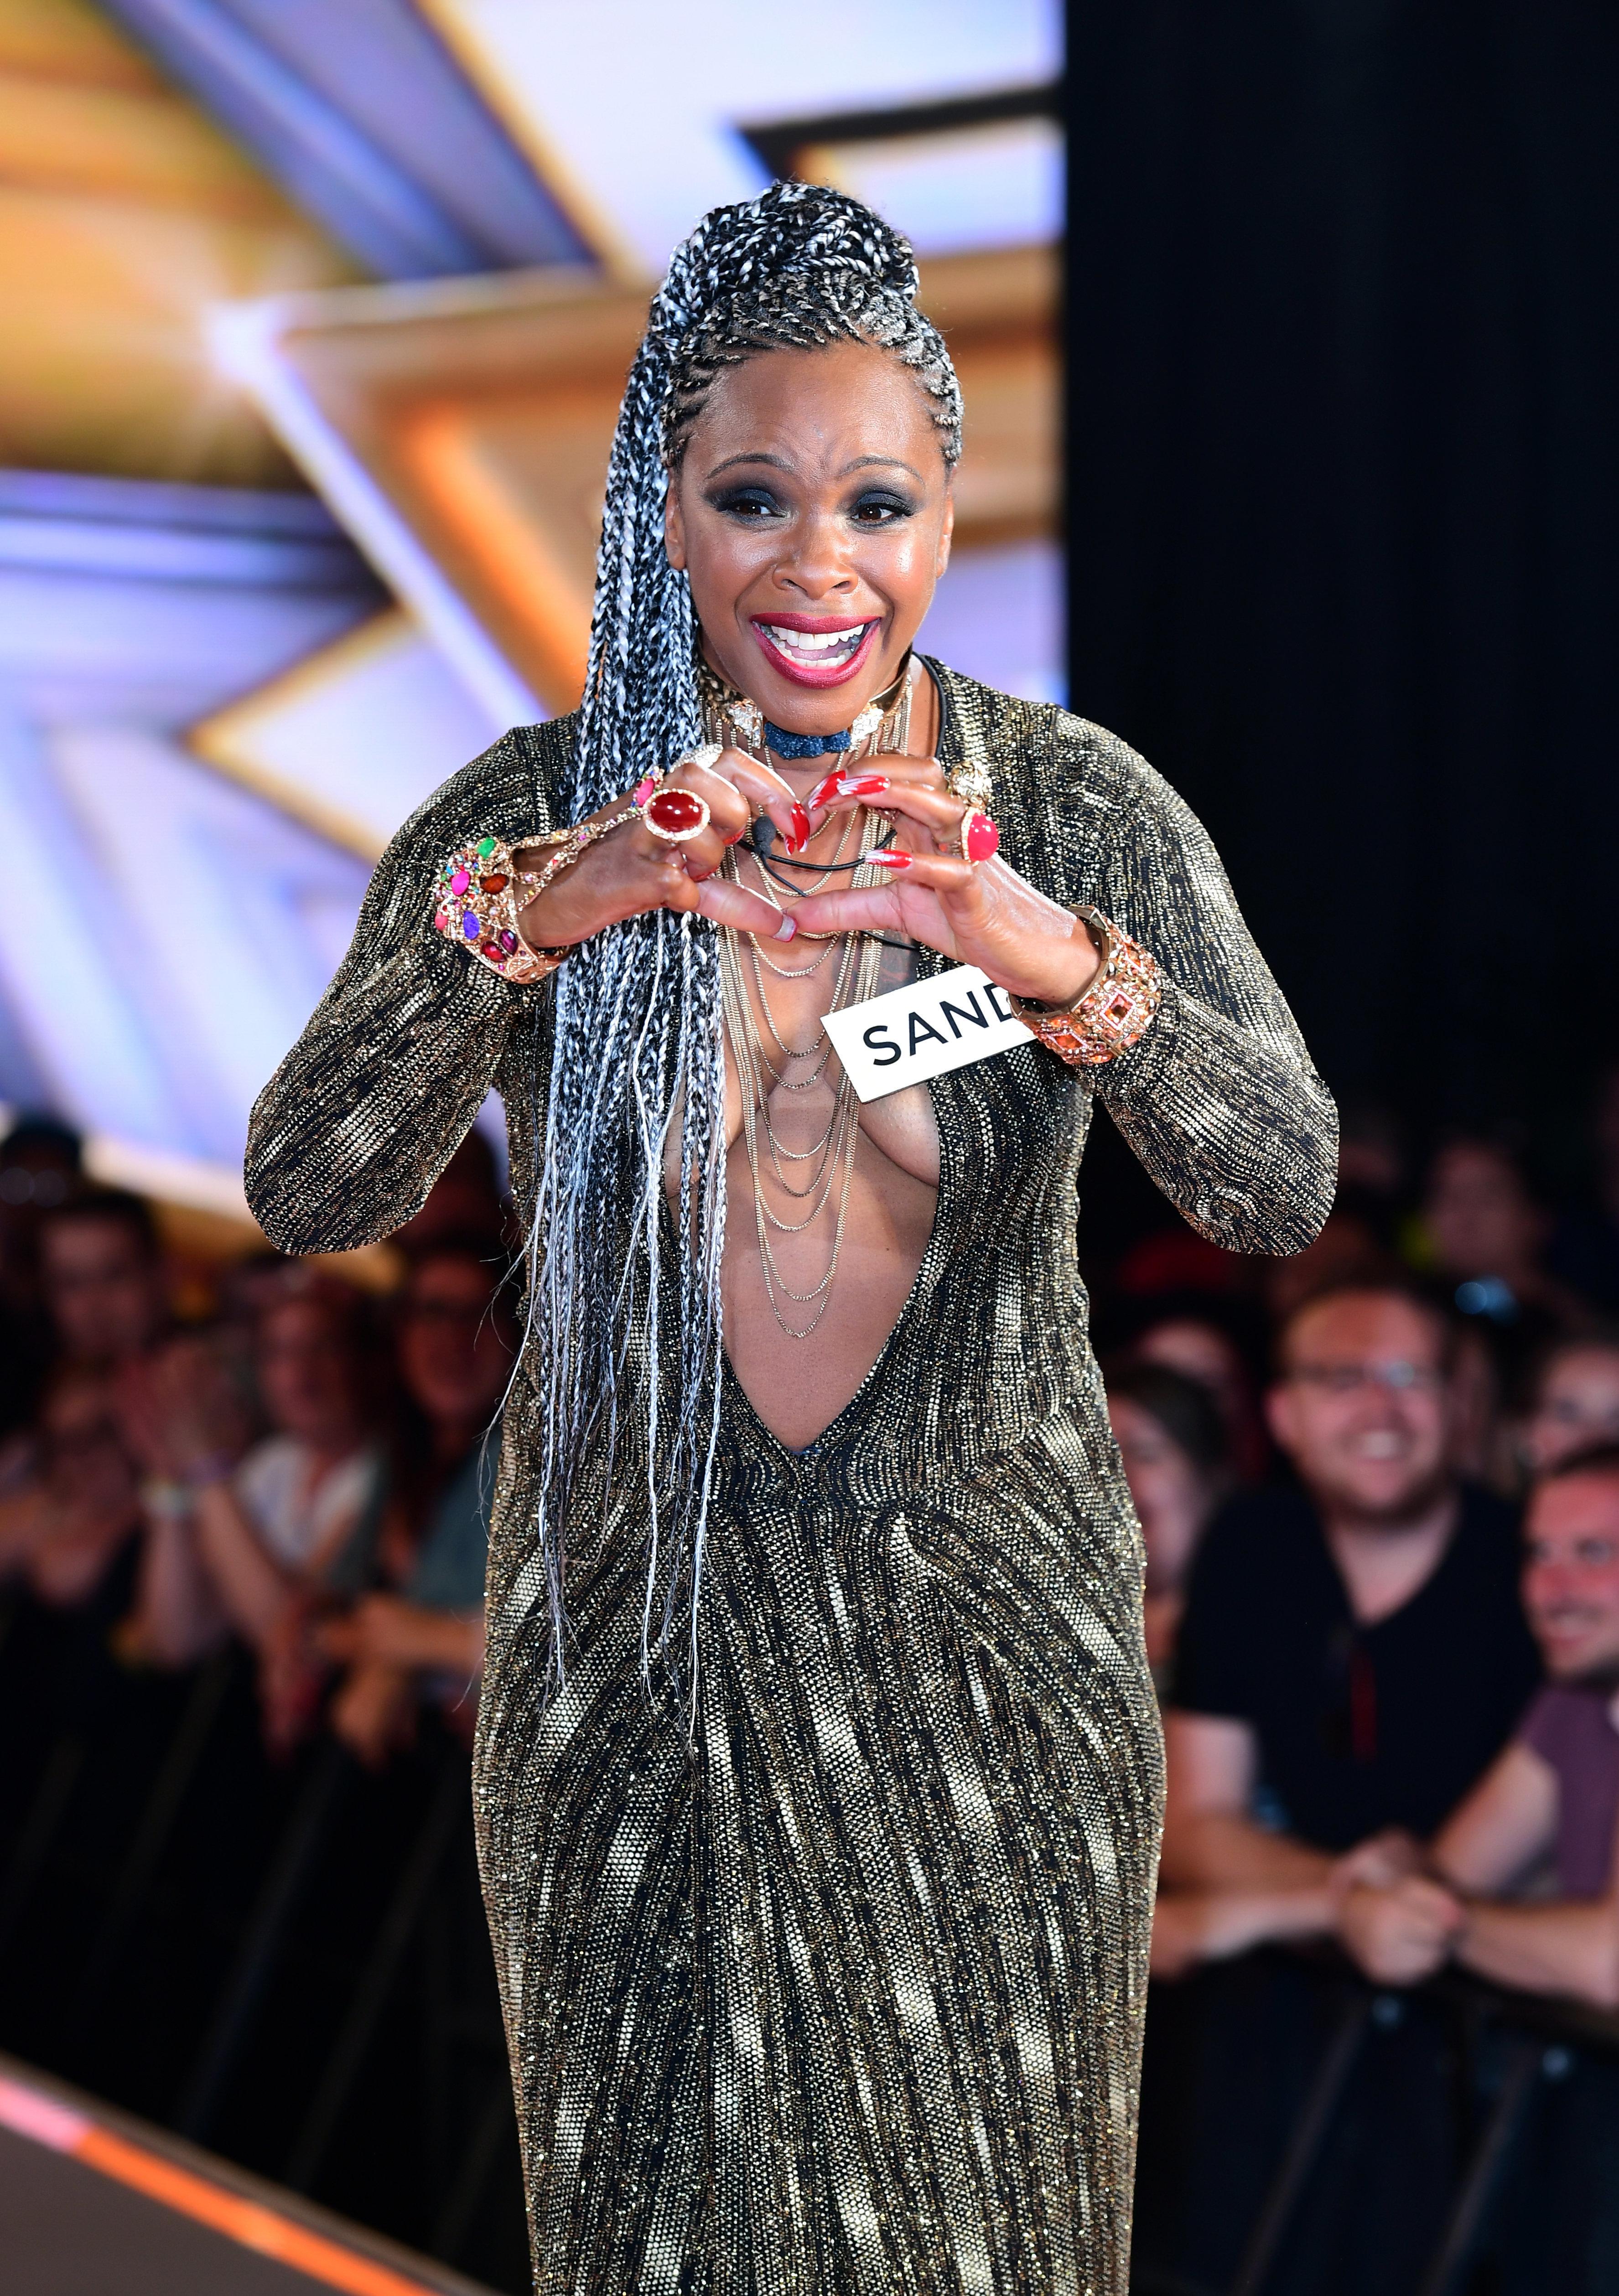 Sandi Bogle made a shock revelation on 'Celebrity Big